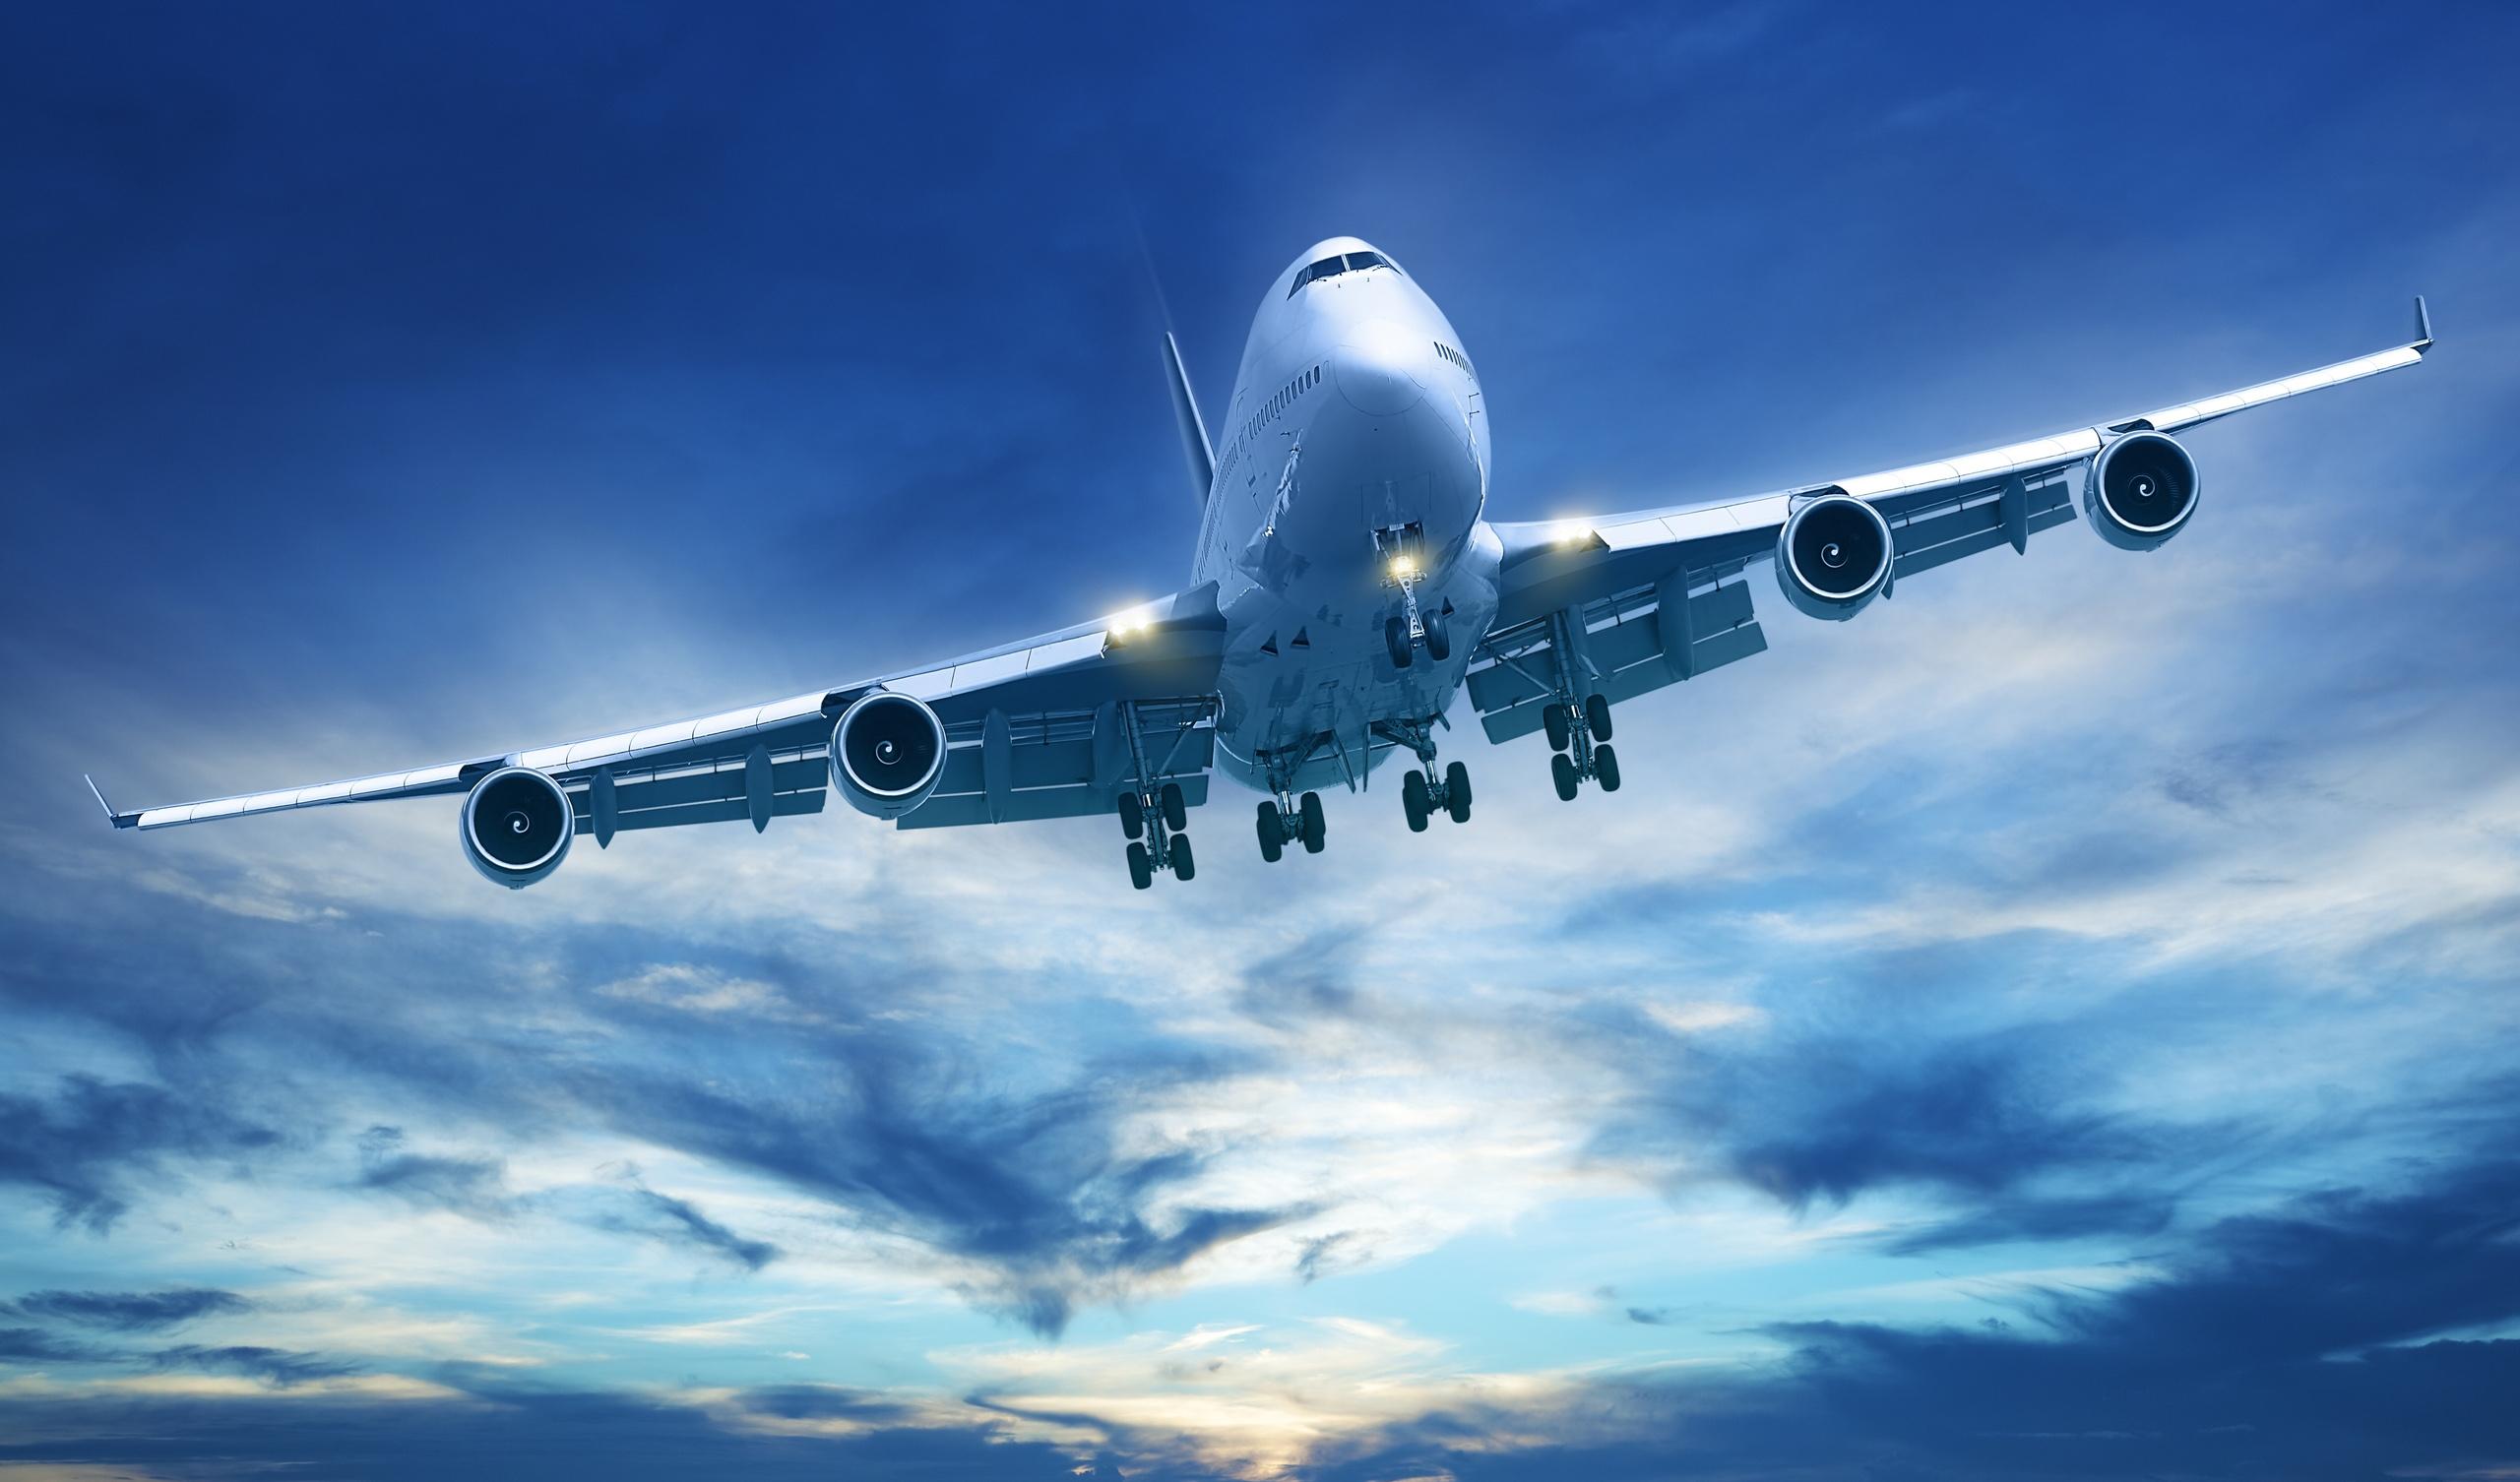 تور گردشگری به ترکیه لغو، اما پروازها ادامه خواهد داشت